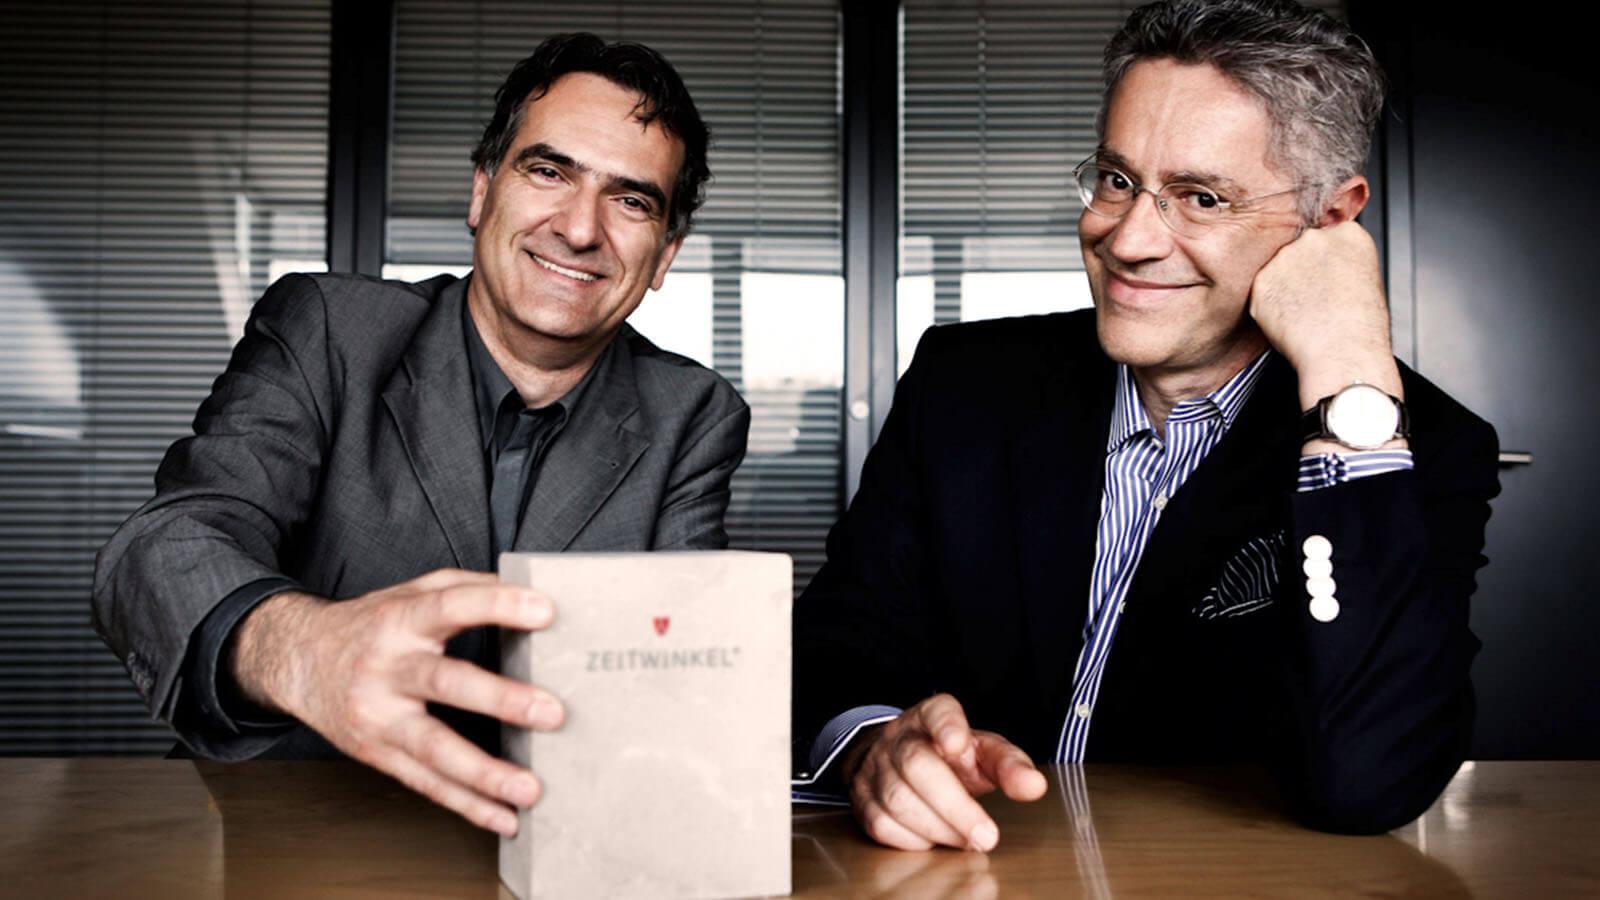 Zwei der Gründer von ZEITWINKEL.CH, links Peter Nikolaus und rechts Ivica